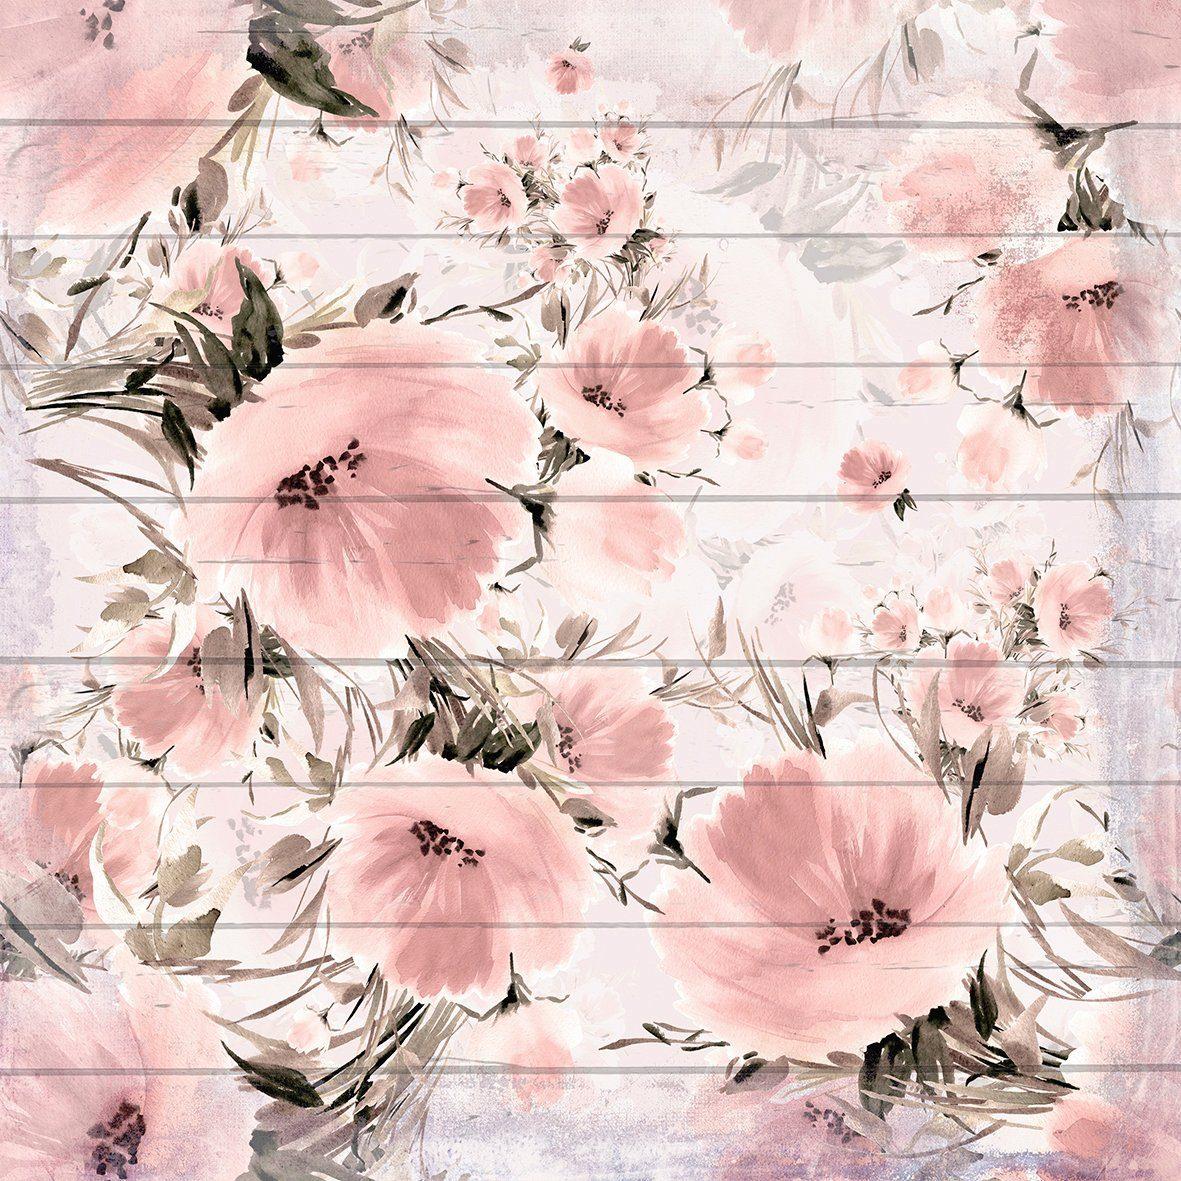 QUEENCE Holzbild »Verwaschene Rosa Blumen«, 40x40 cm Echtholz